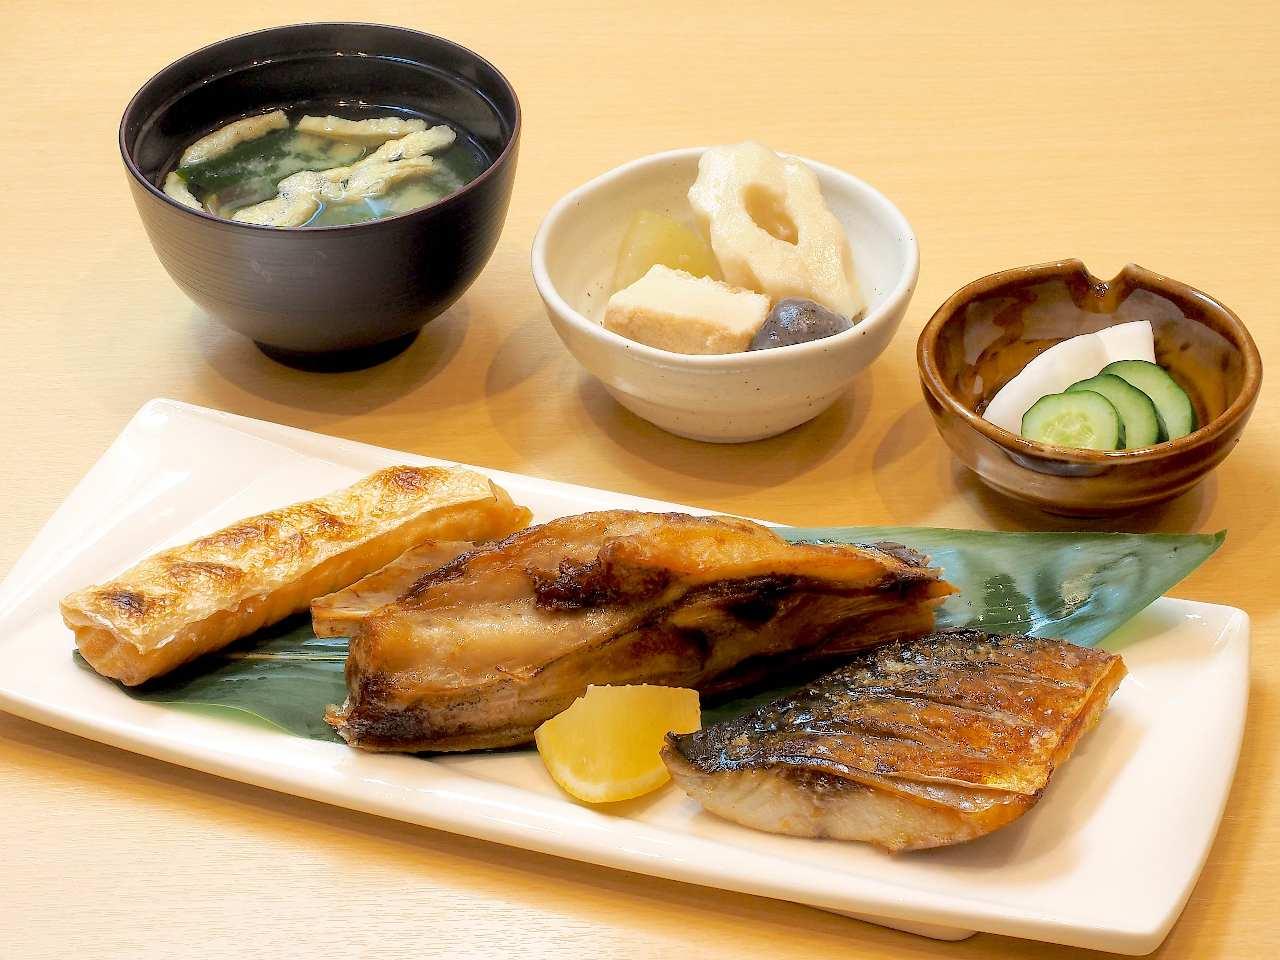 粋のや自慢の焼魚御膳を食べて、最高の1日の始まりを!!